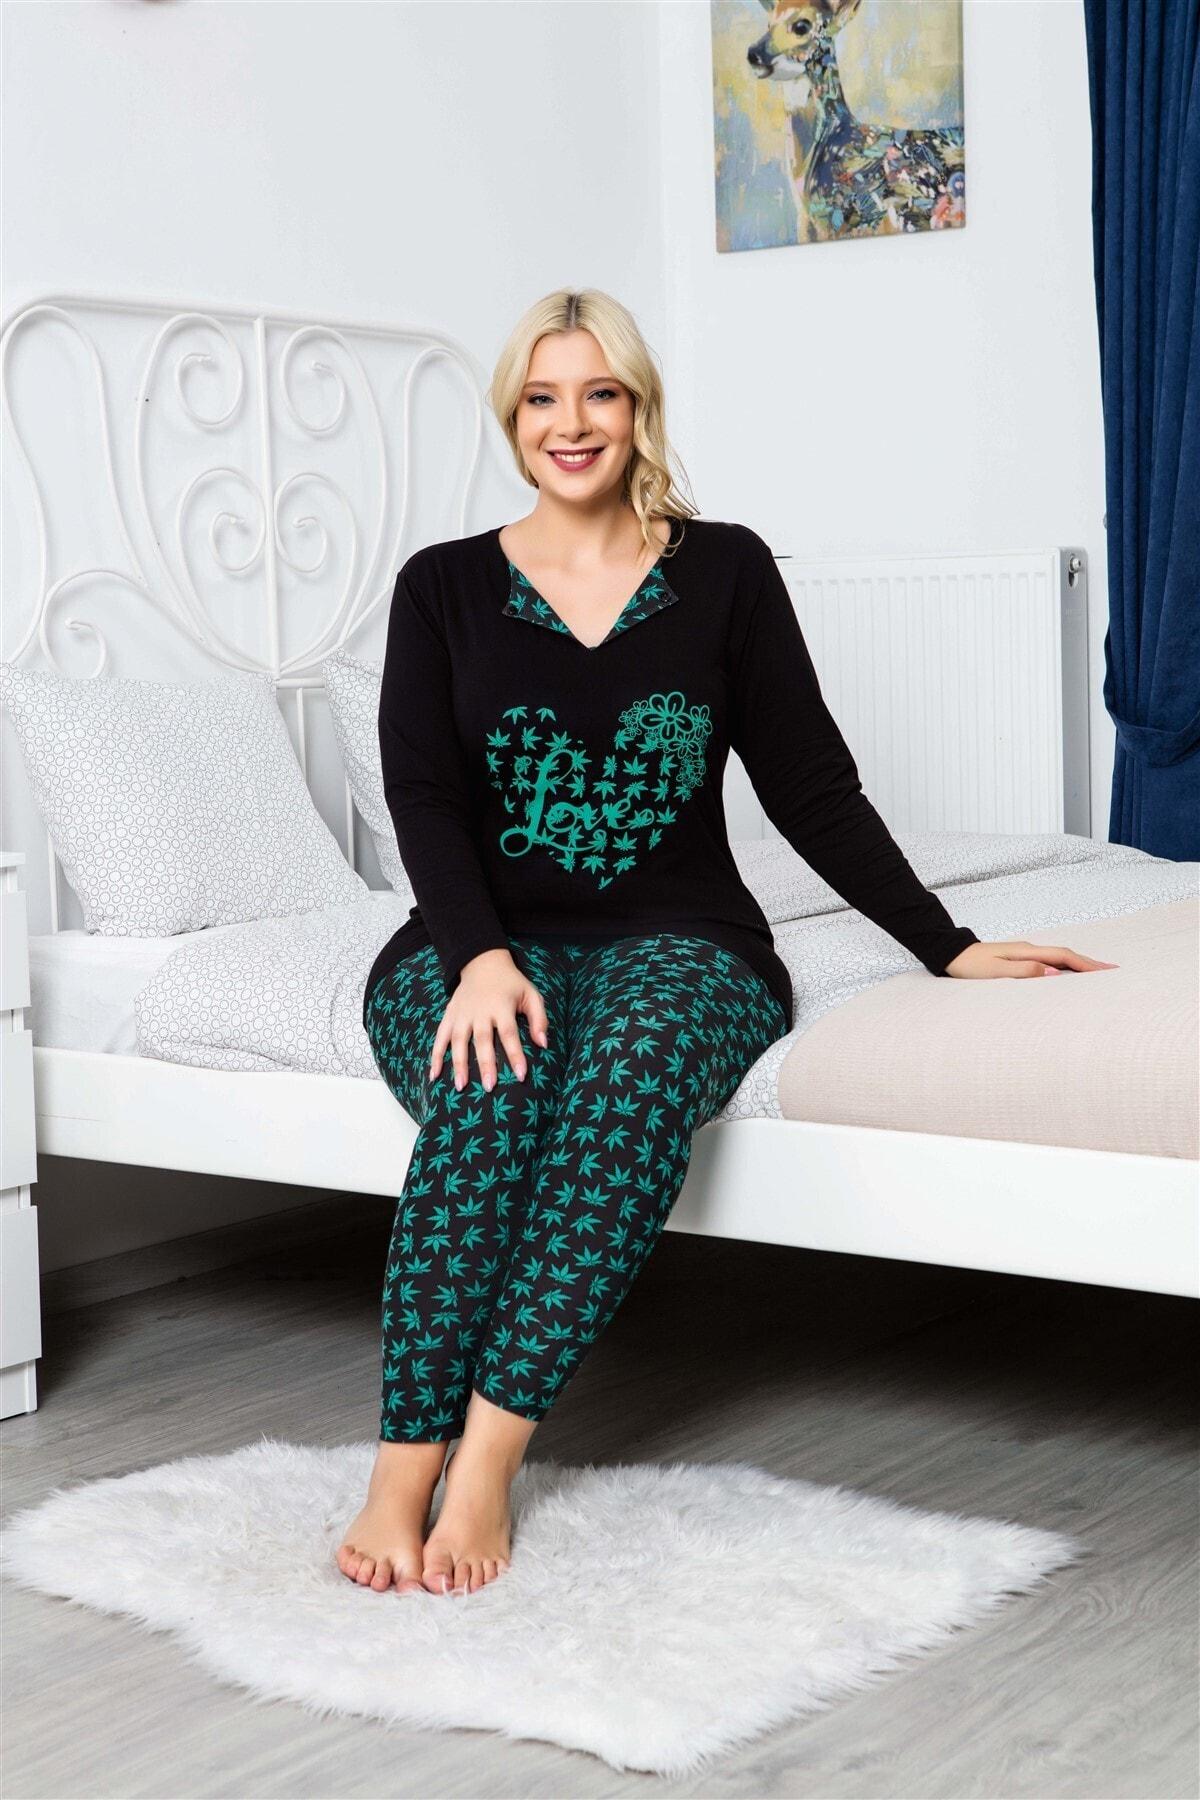 MyBen Büyük Beden Pijama Takımı V-yaka Çiçek Desenli Uzun Kollu Battal Beden Taytlı Pijama Takımı 16114 2